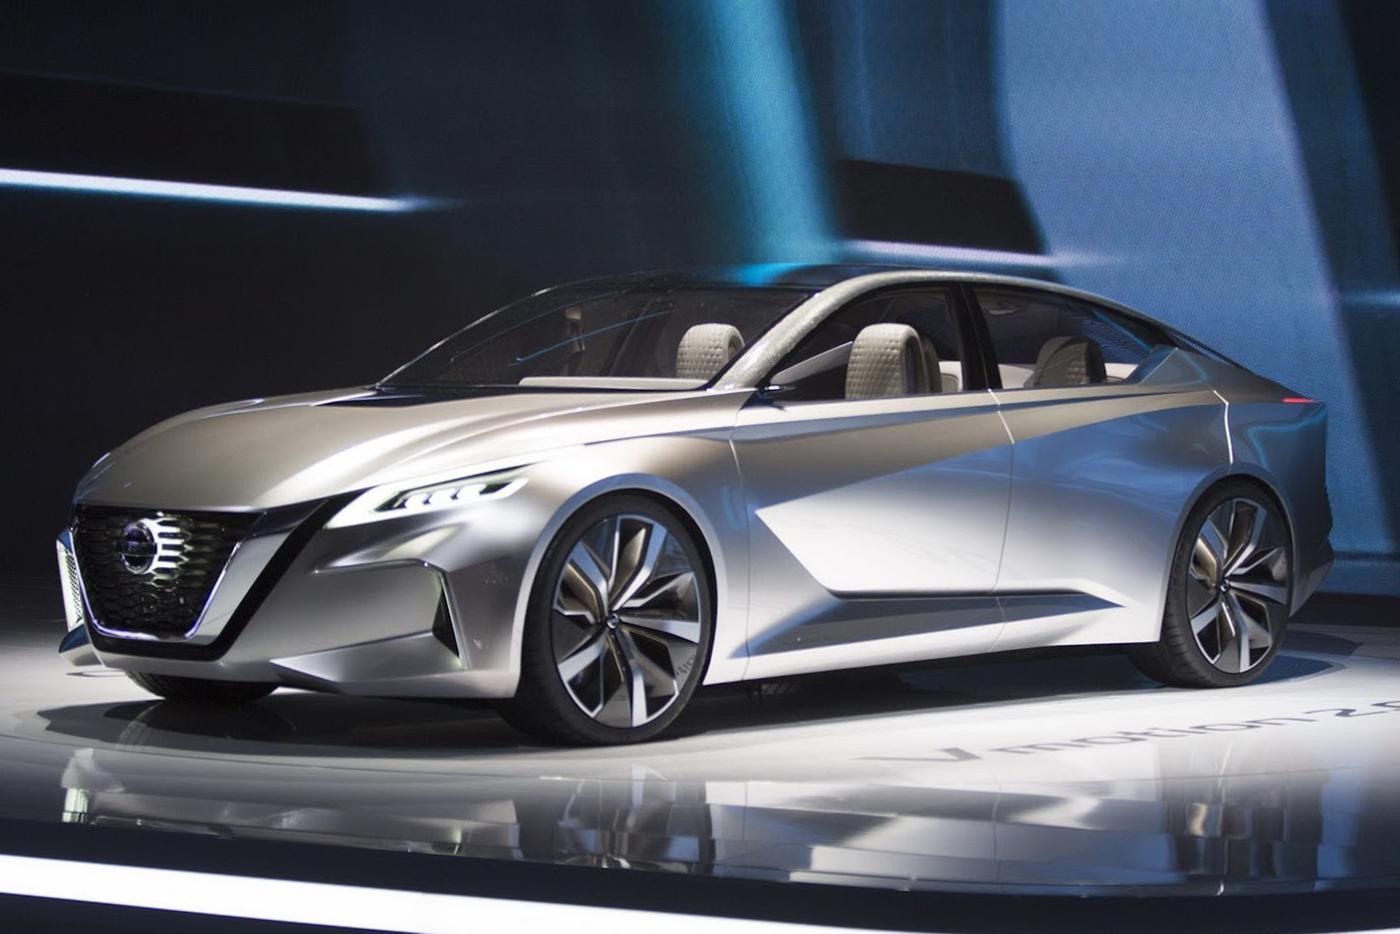 """Chiêm ngưỡng mẫu concept """"tuyệt đẹp"""" Nissan Vmotion 2.0 - ảnh 2"""